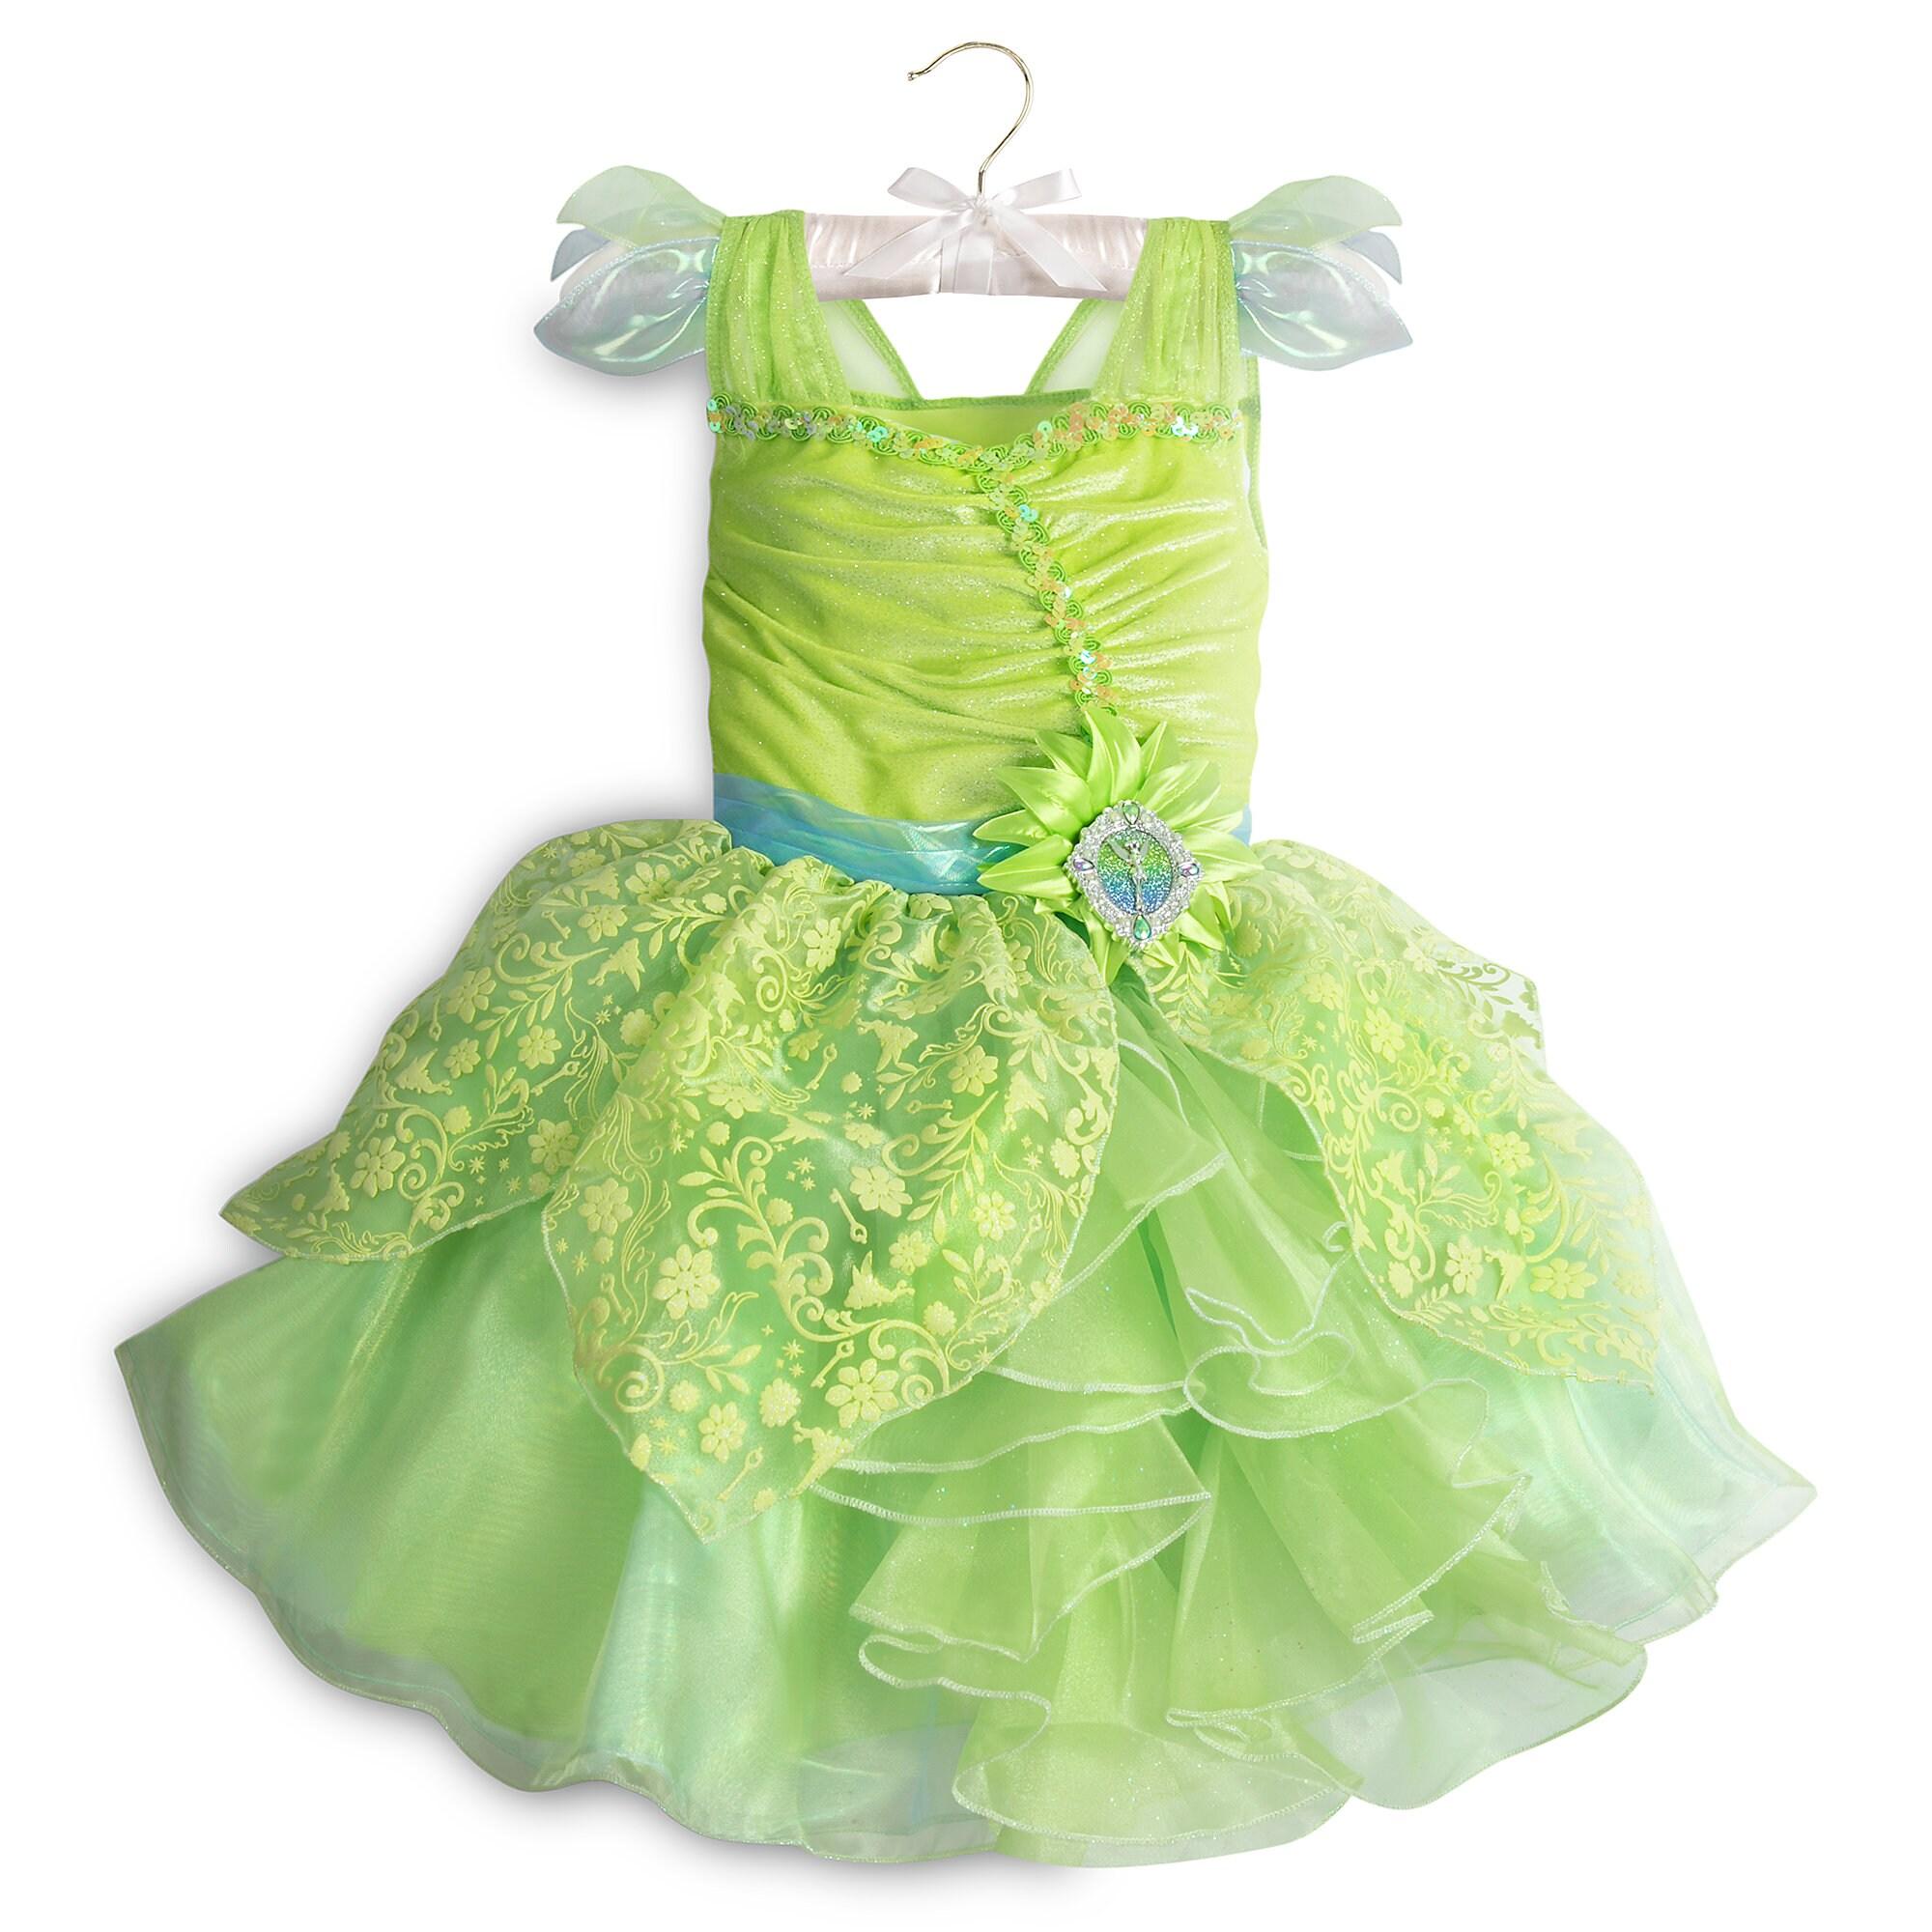 690ec5174e92 Tinker Bell Costume for Kids